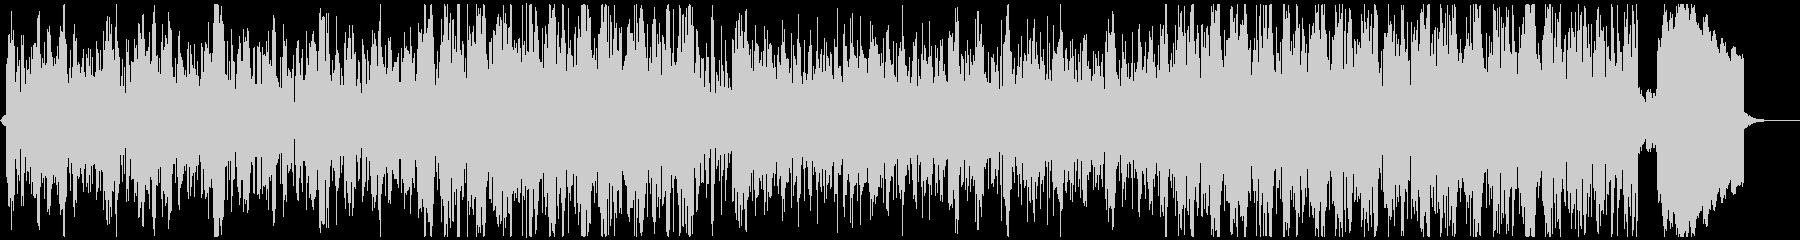 和風なのにオシャレなスムースジャズ_−1の未再生の波形